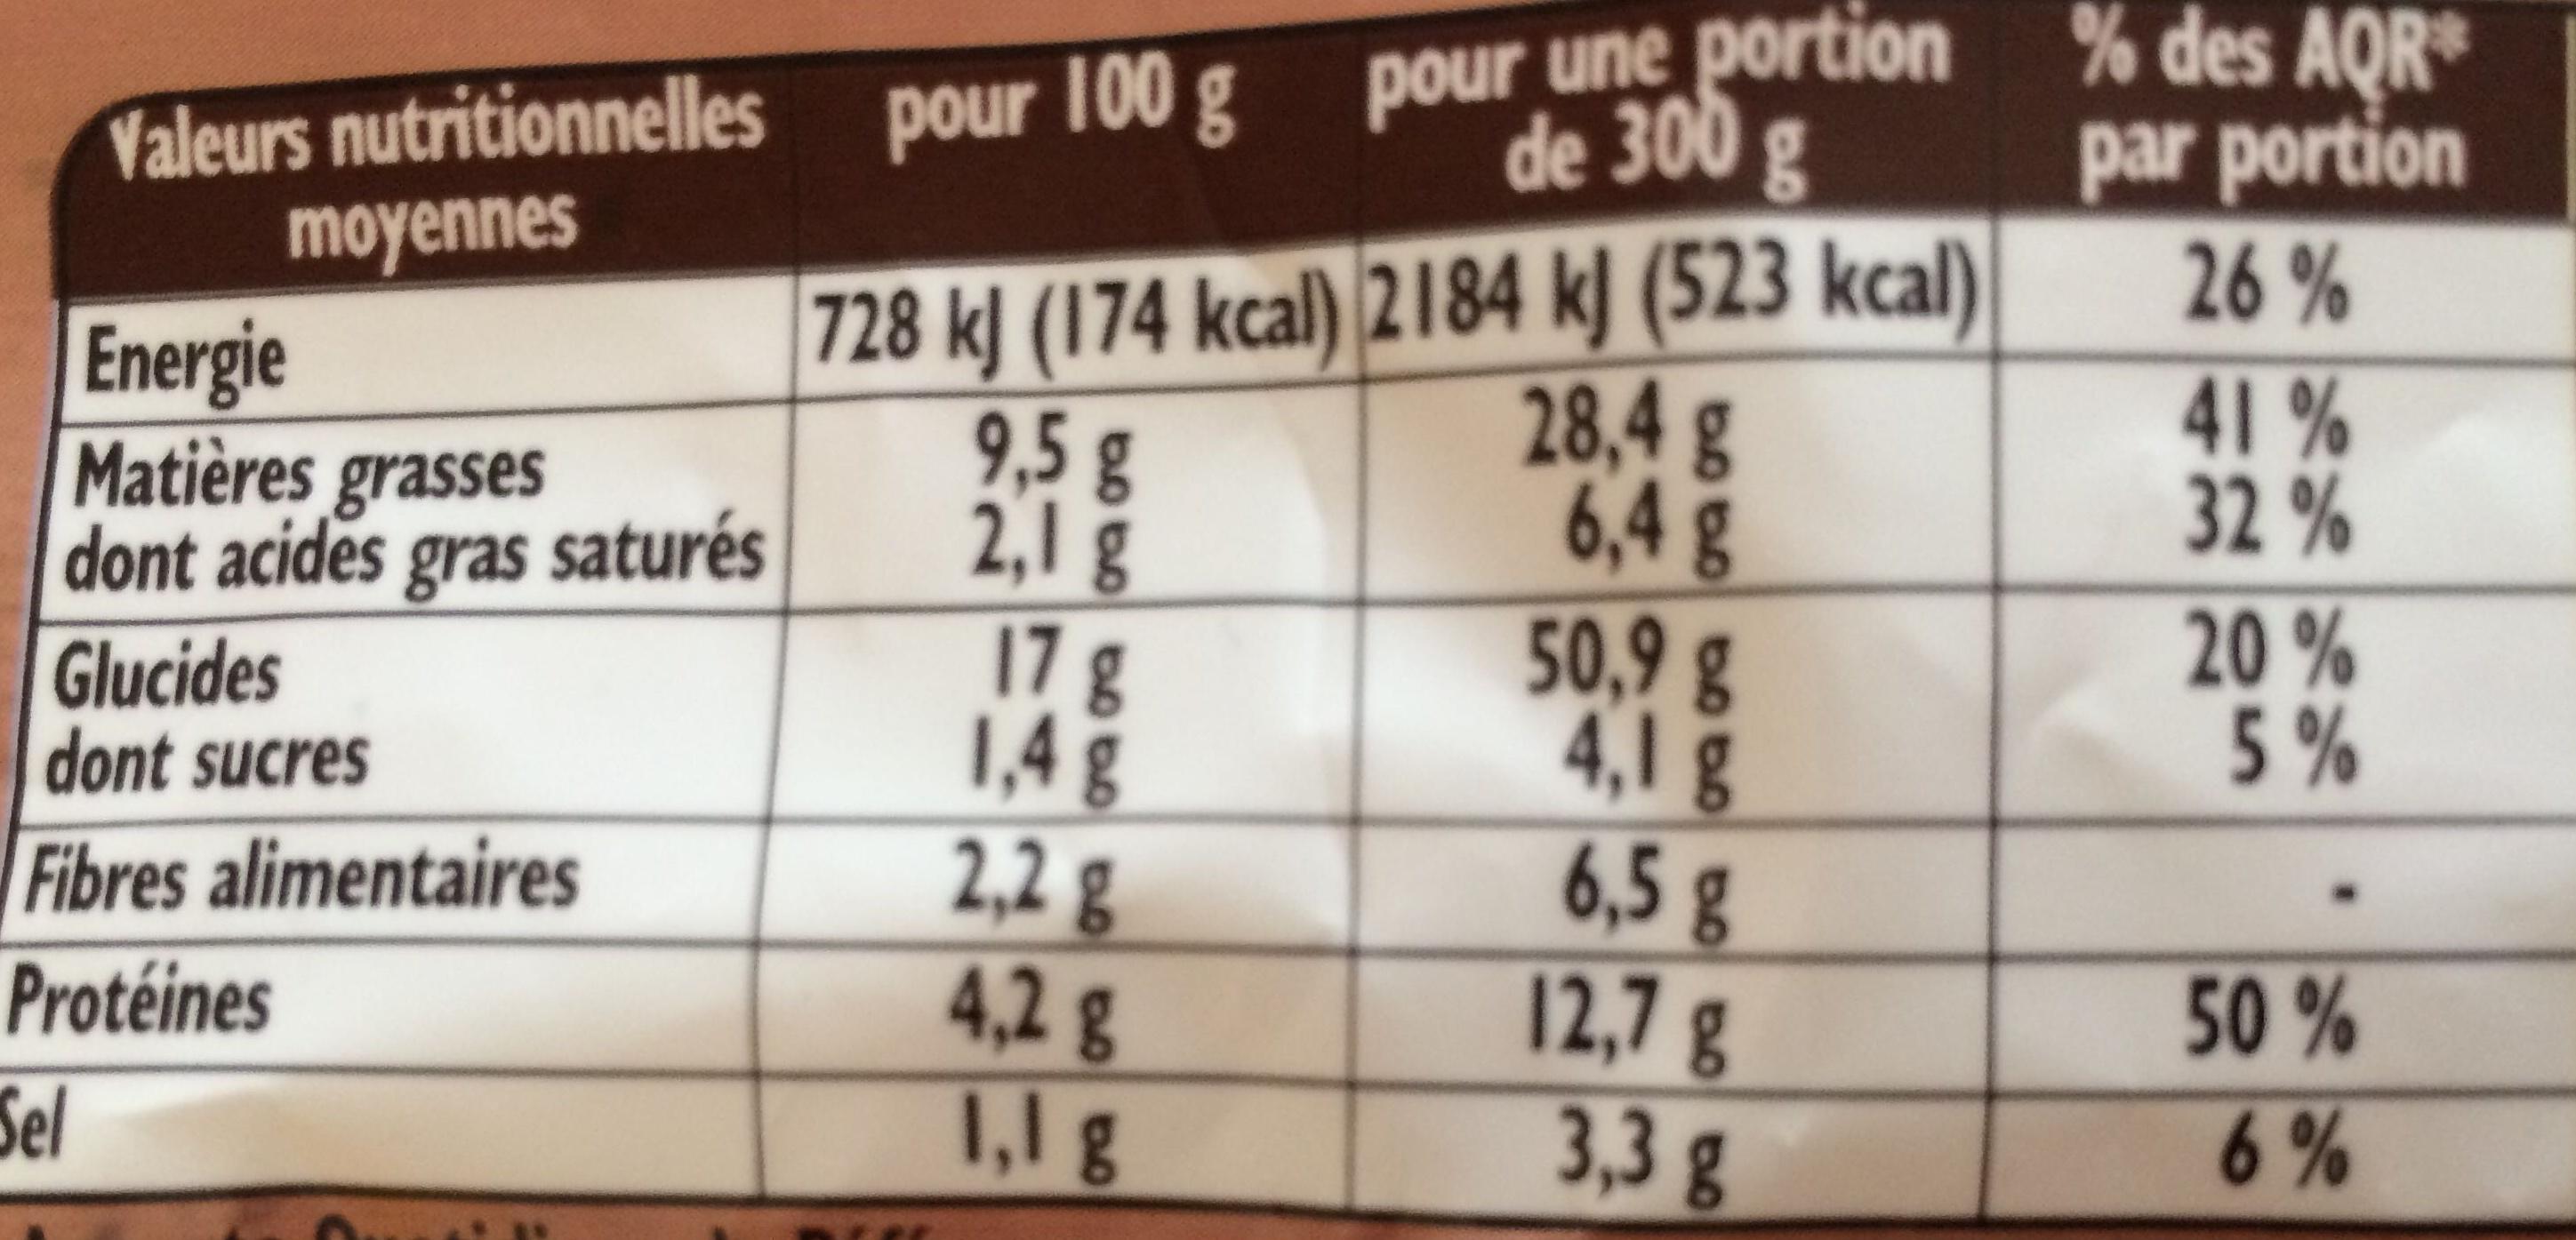 Les Recettes du Terroir : Façon Rustique - Informations nutritionnelles - fr